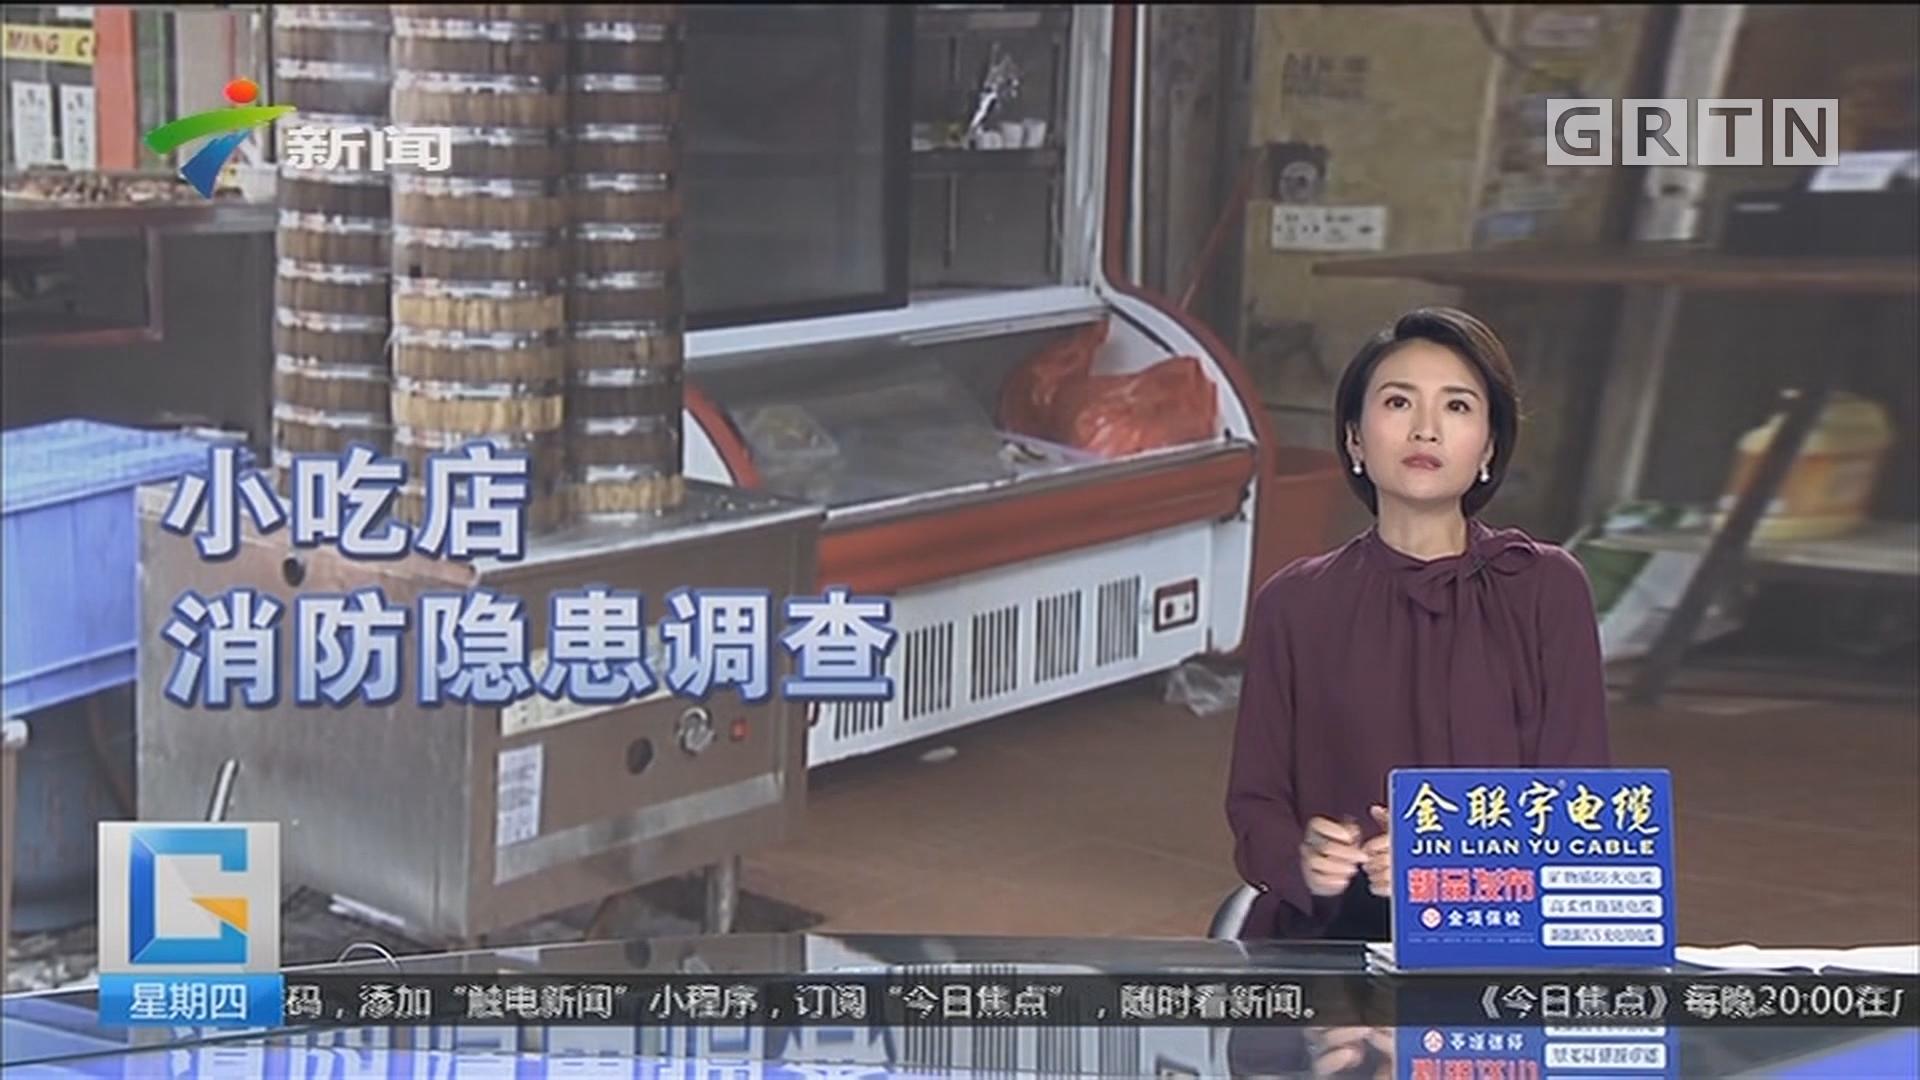 小吃店消防隐患调查 新闻回顾:广佛交界南海路煤气瓶报设置乱象